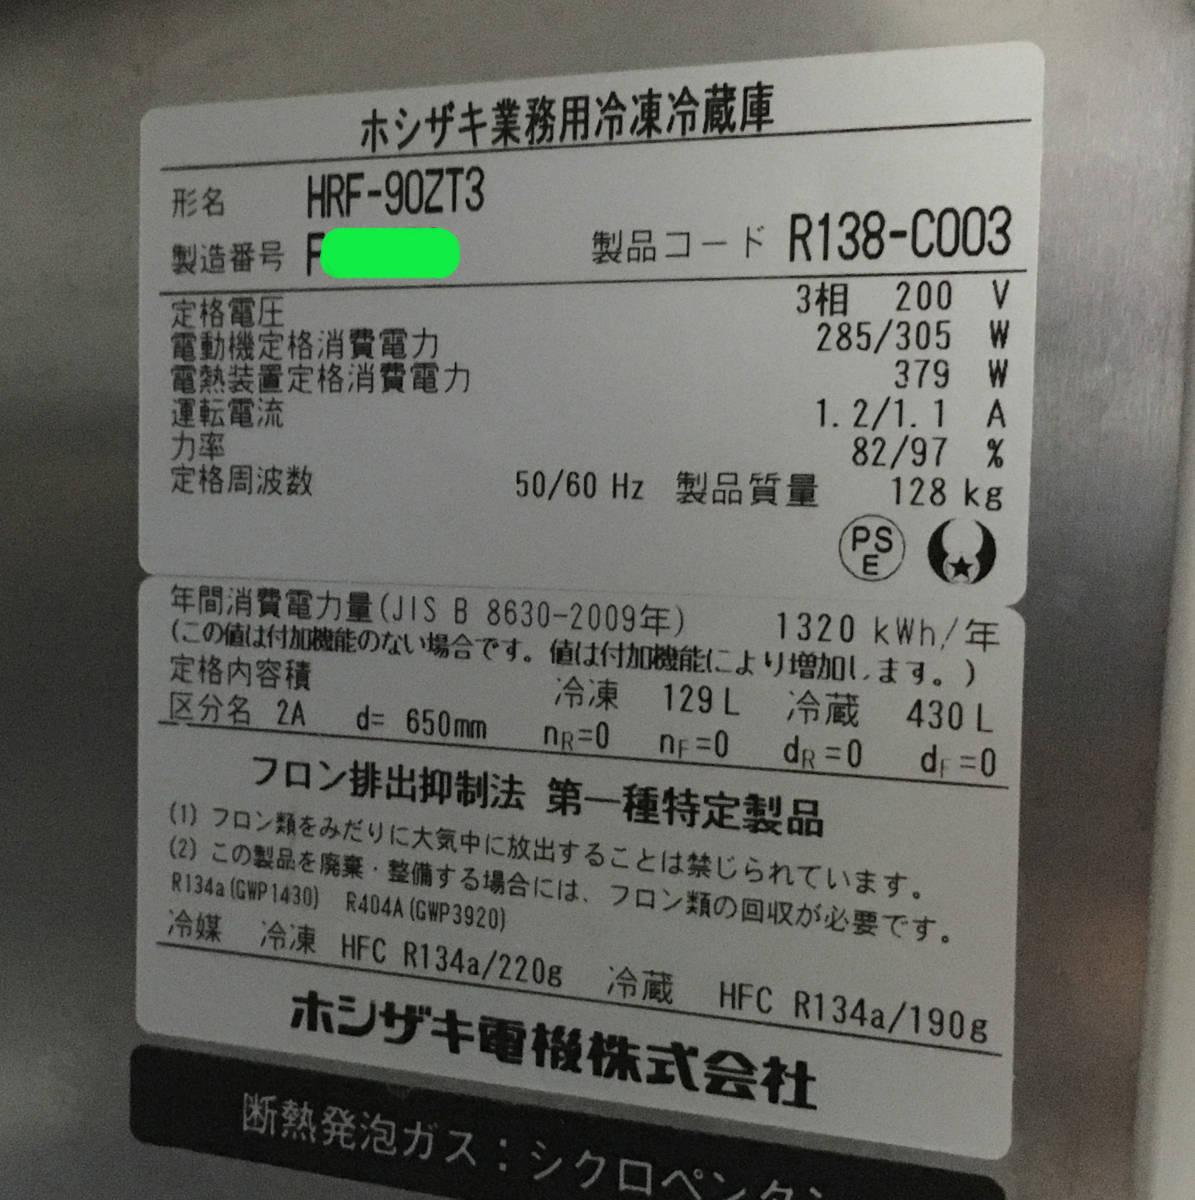 ◎送料無料地域有(一部負担)◎ホシザキ 4ドア冷凍冷蔵庫◎2016年製◎W900×D650◎冷凍1室冷蔵3室_画像7